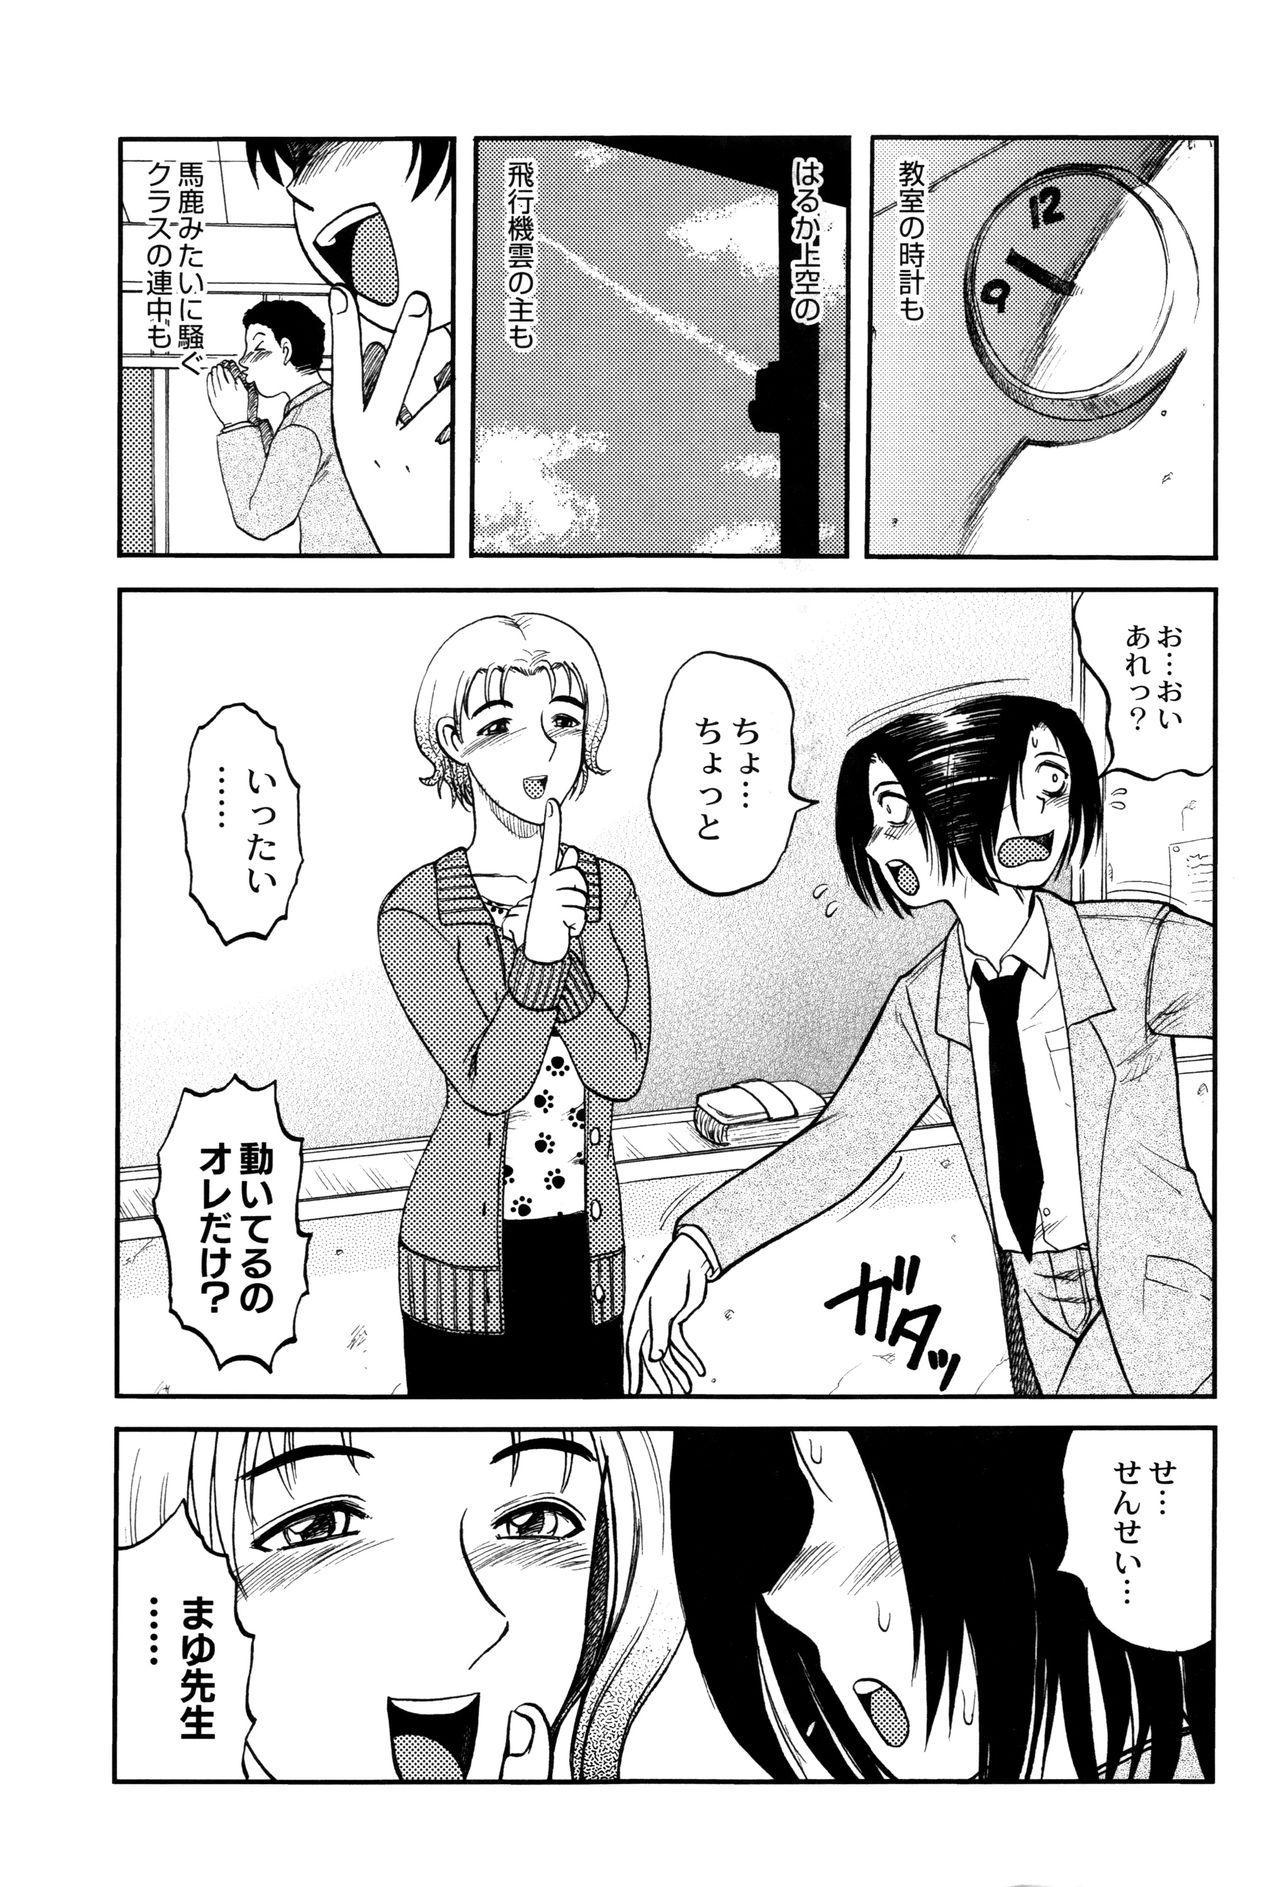 Chishigoyomi 199